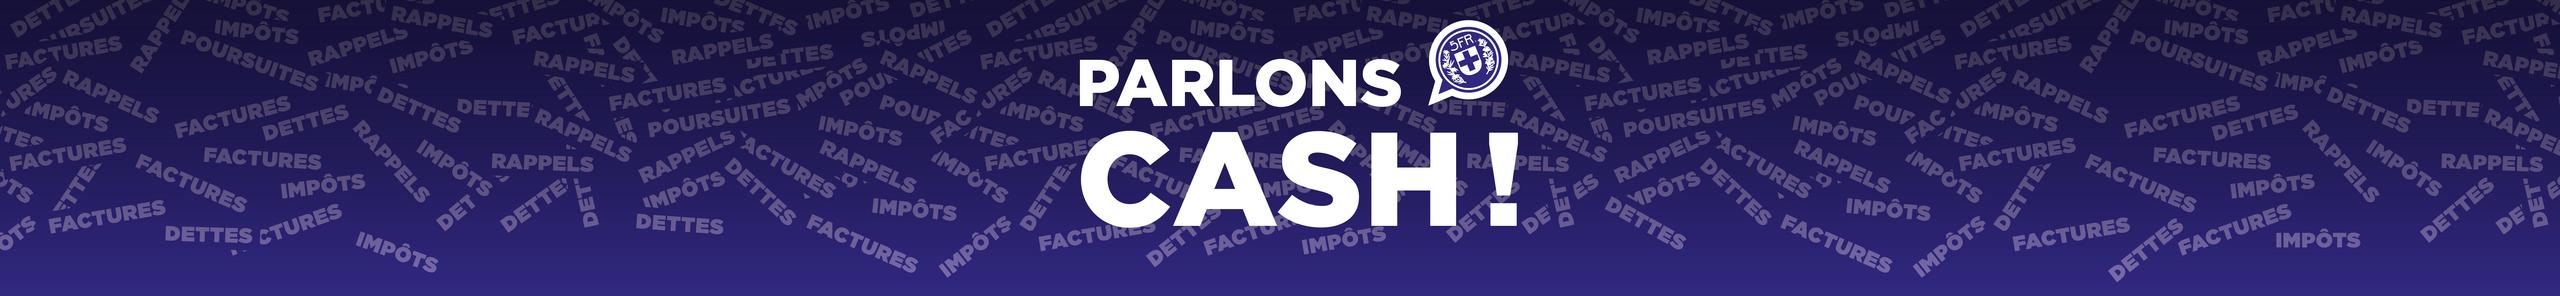 Bannière parlons cash